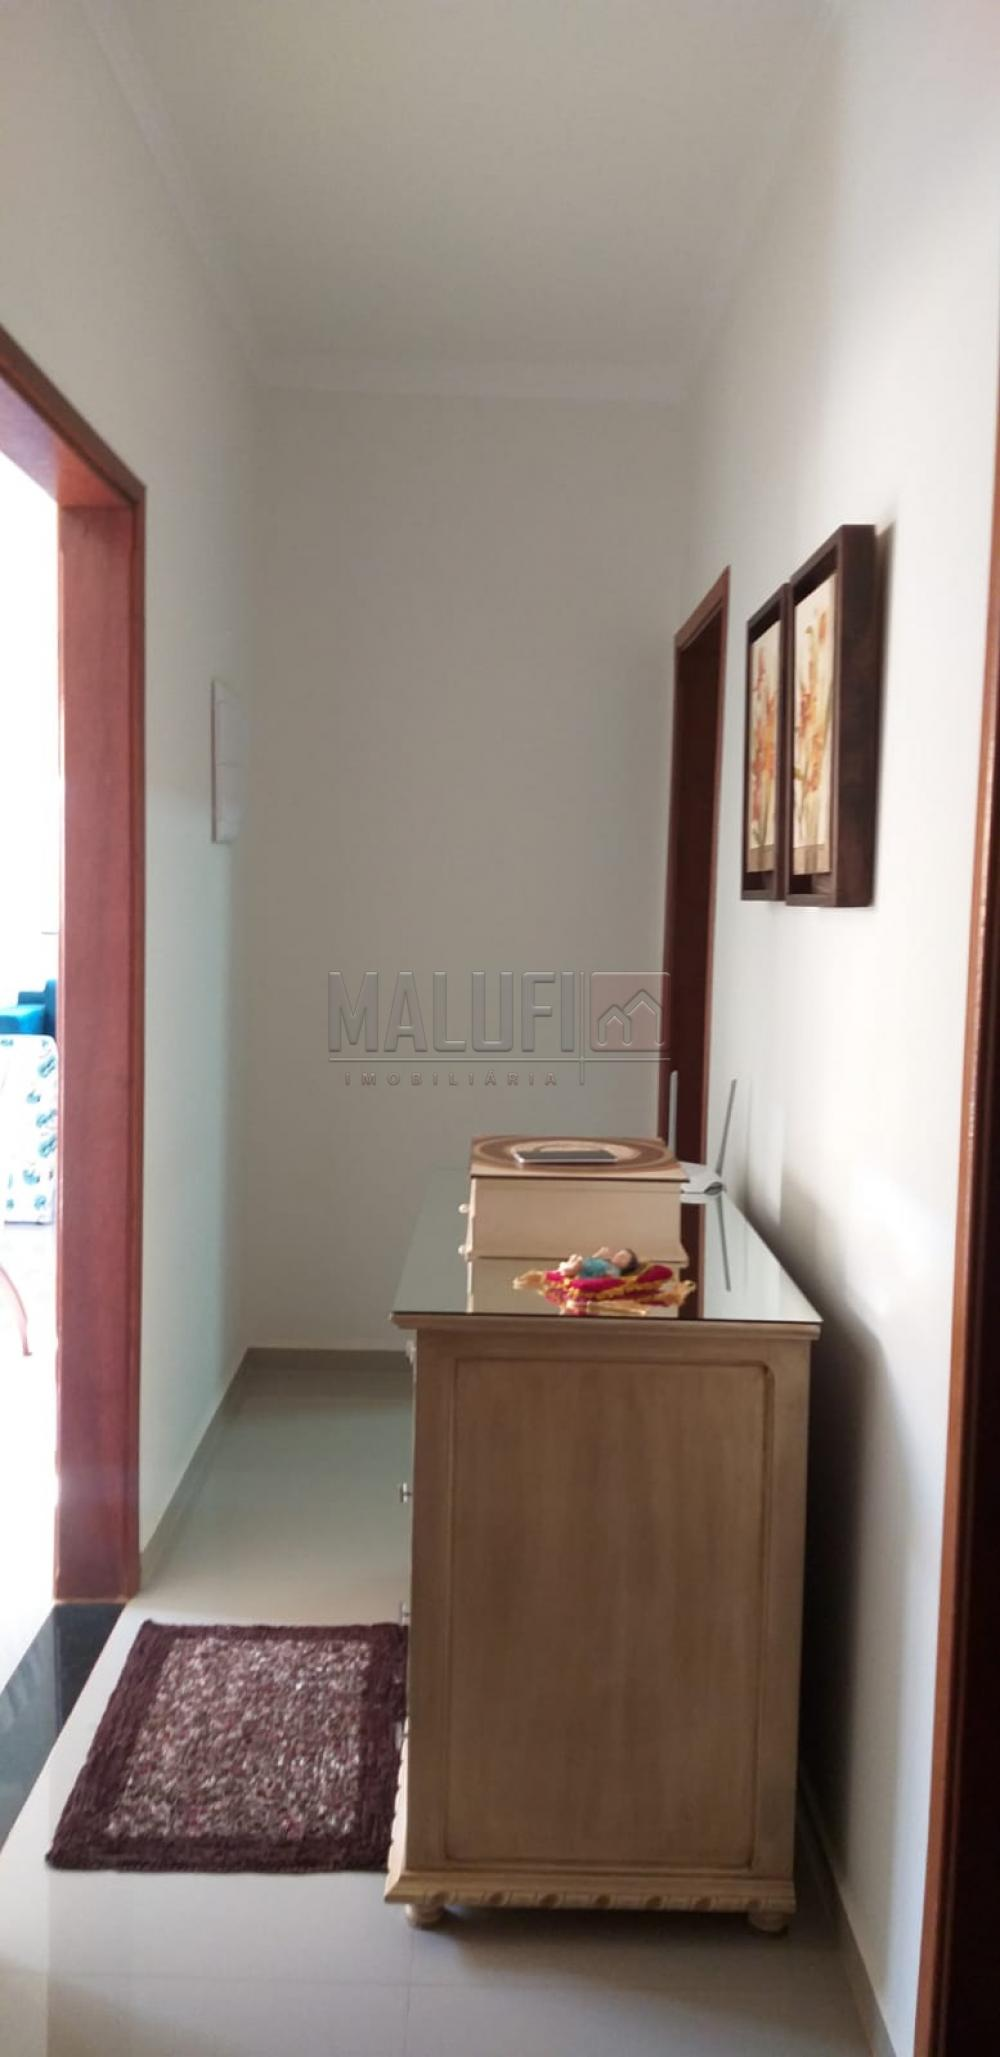 Comprar Casas / Padrão em Olímpia R$ 500.000,00 - Foto 22